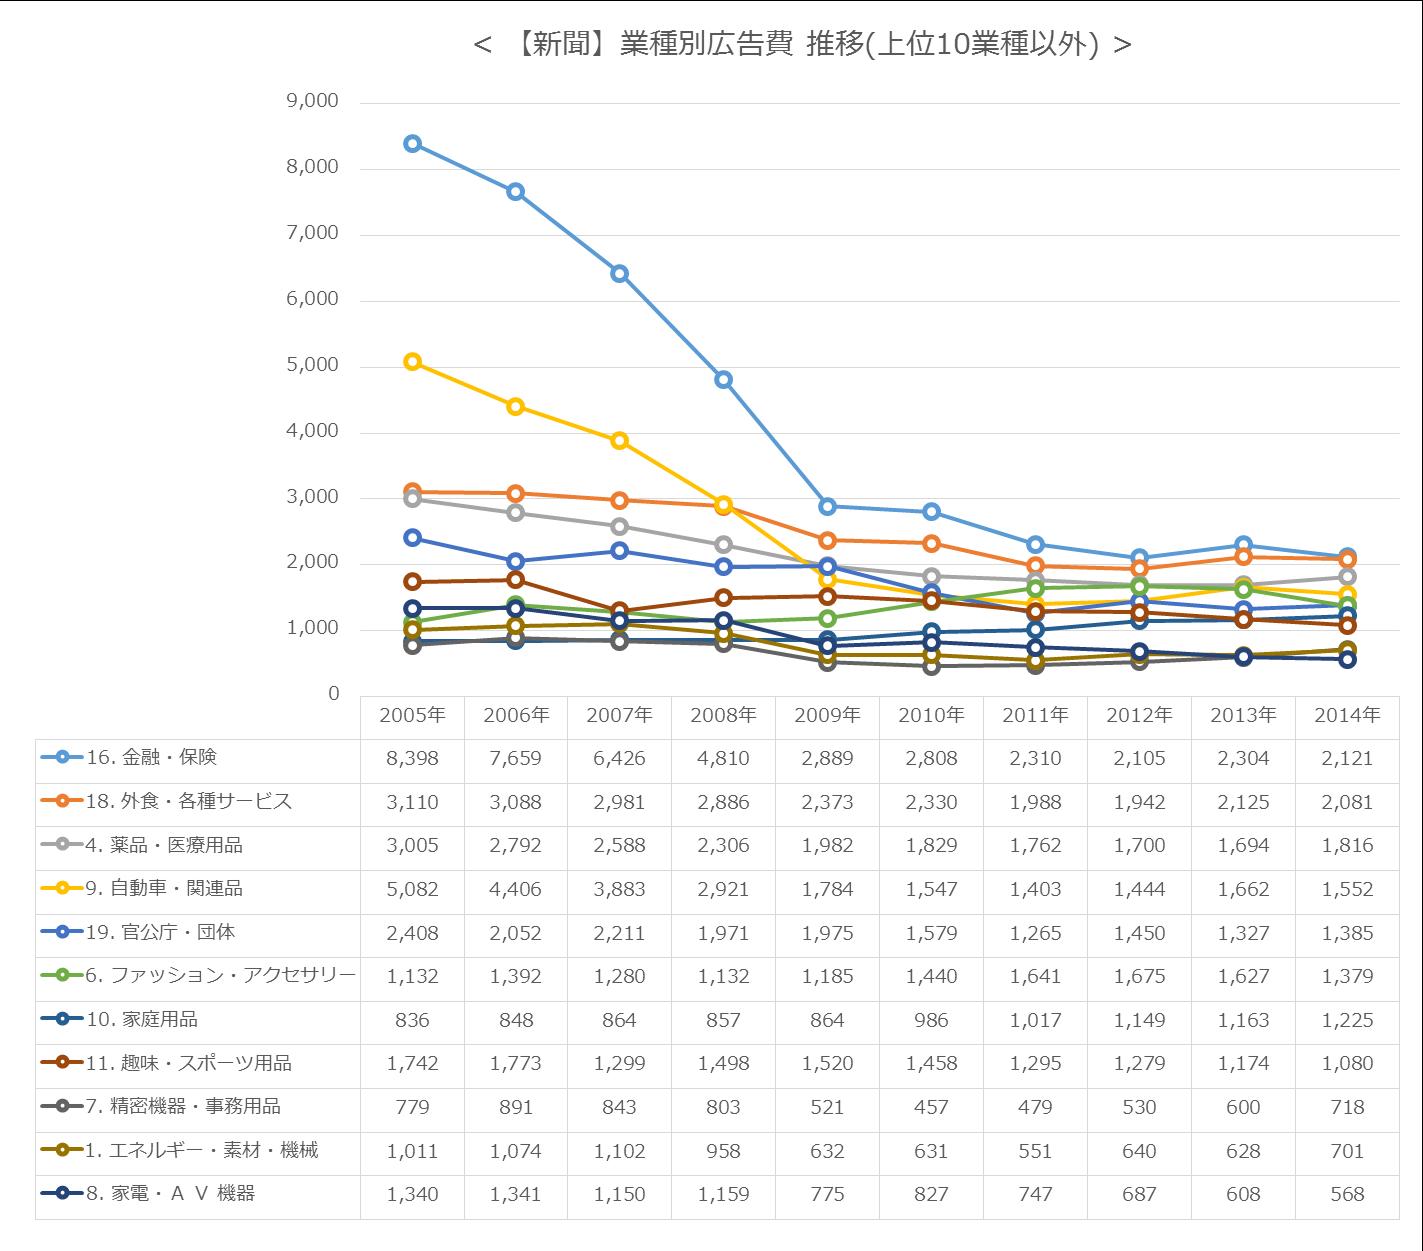 【新聞】業種別広告費 推移(上位10業種以外)